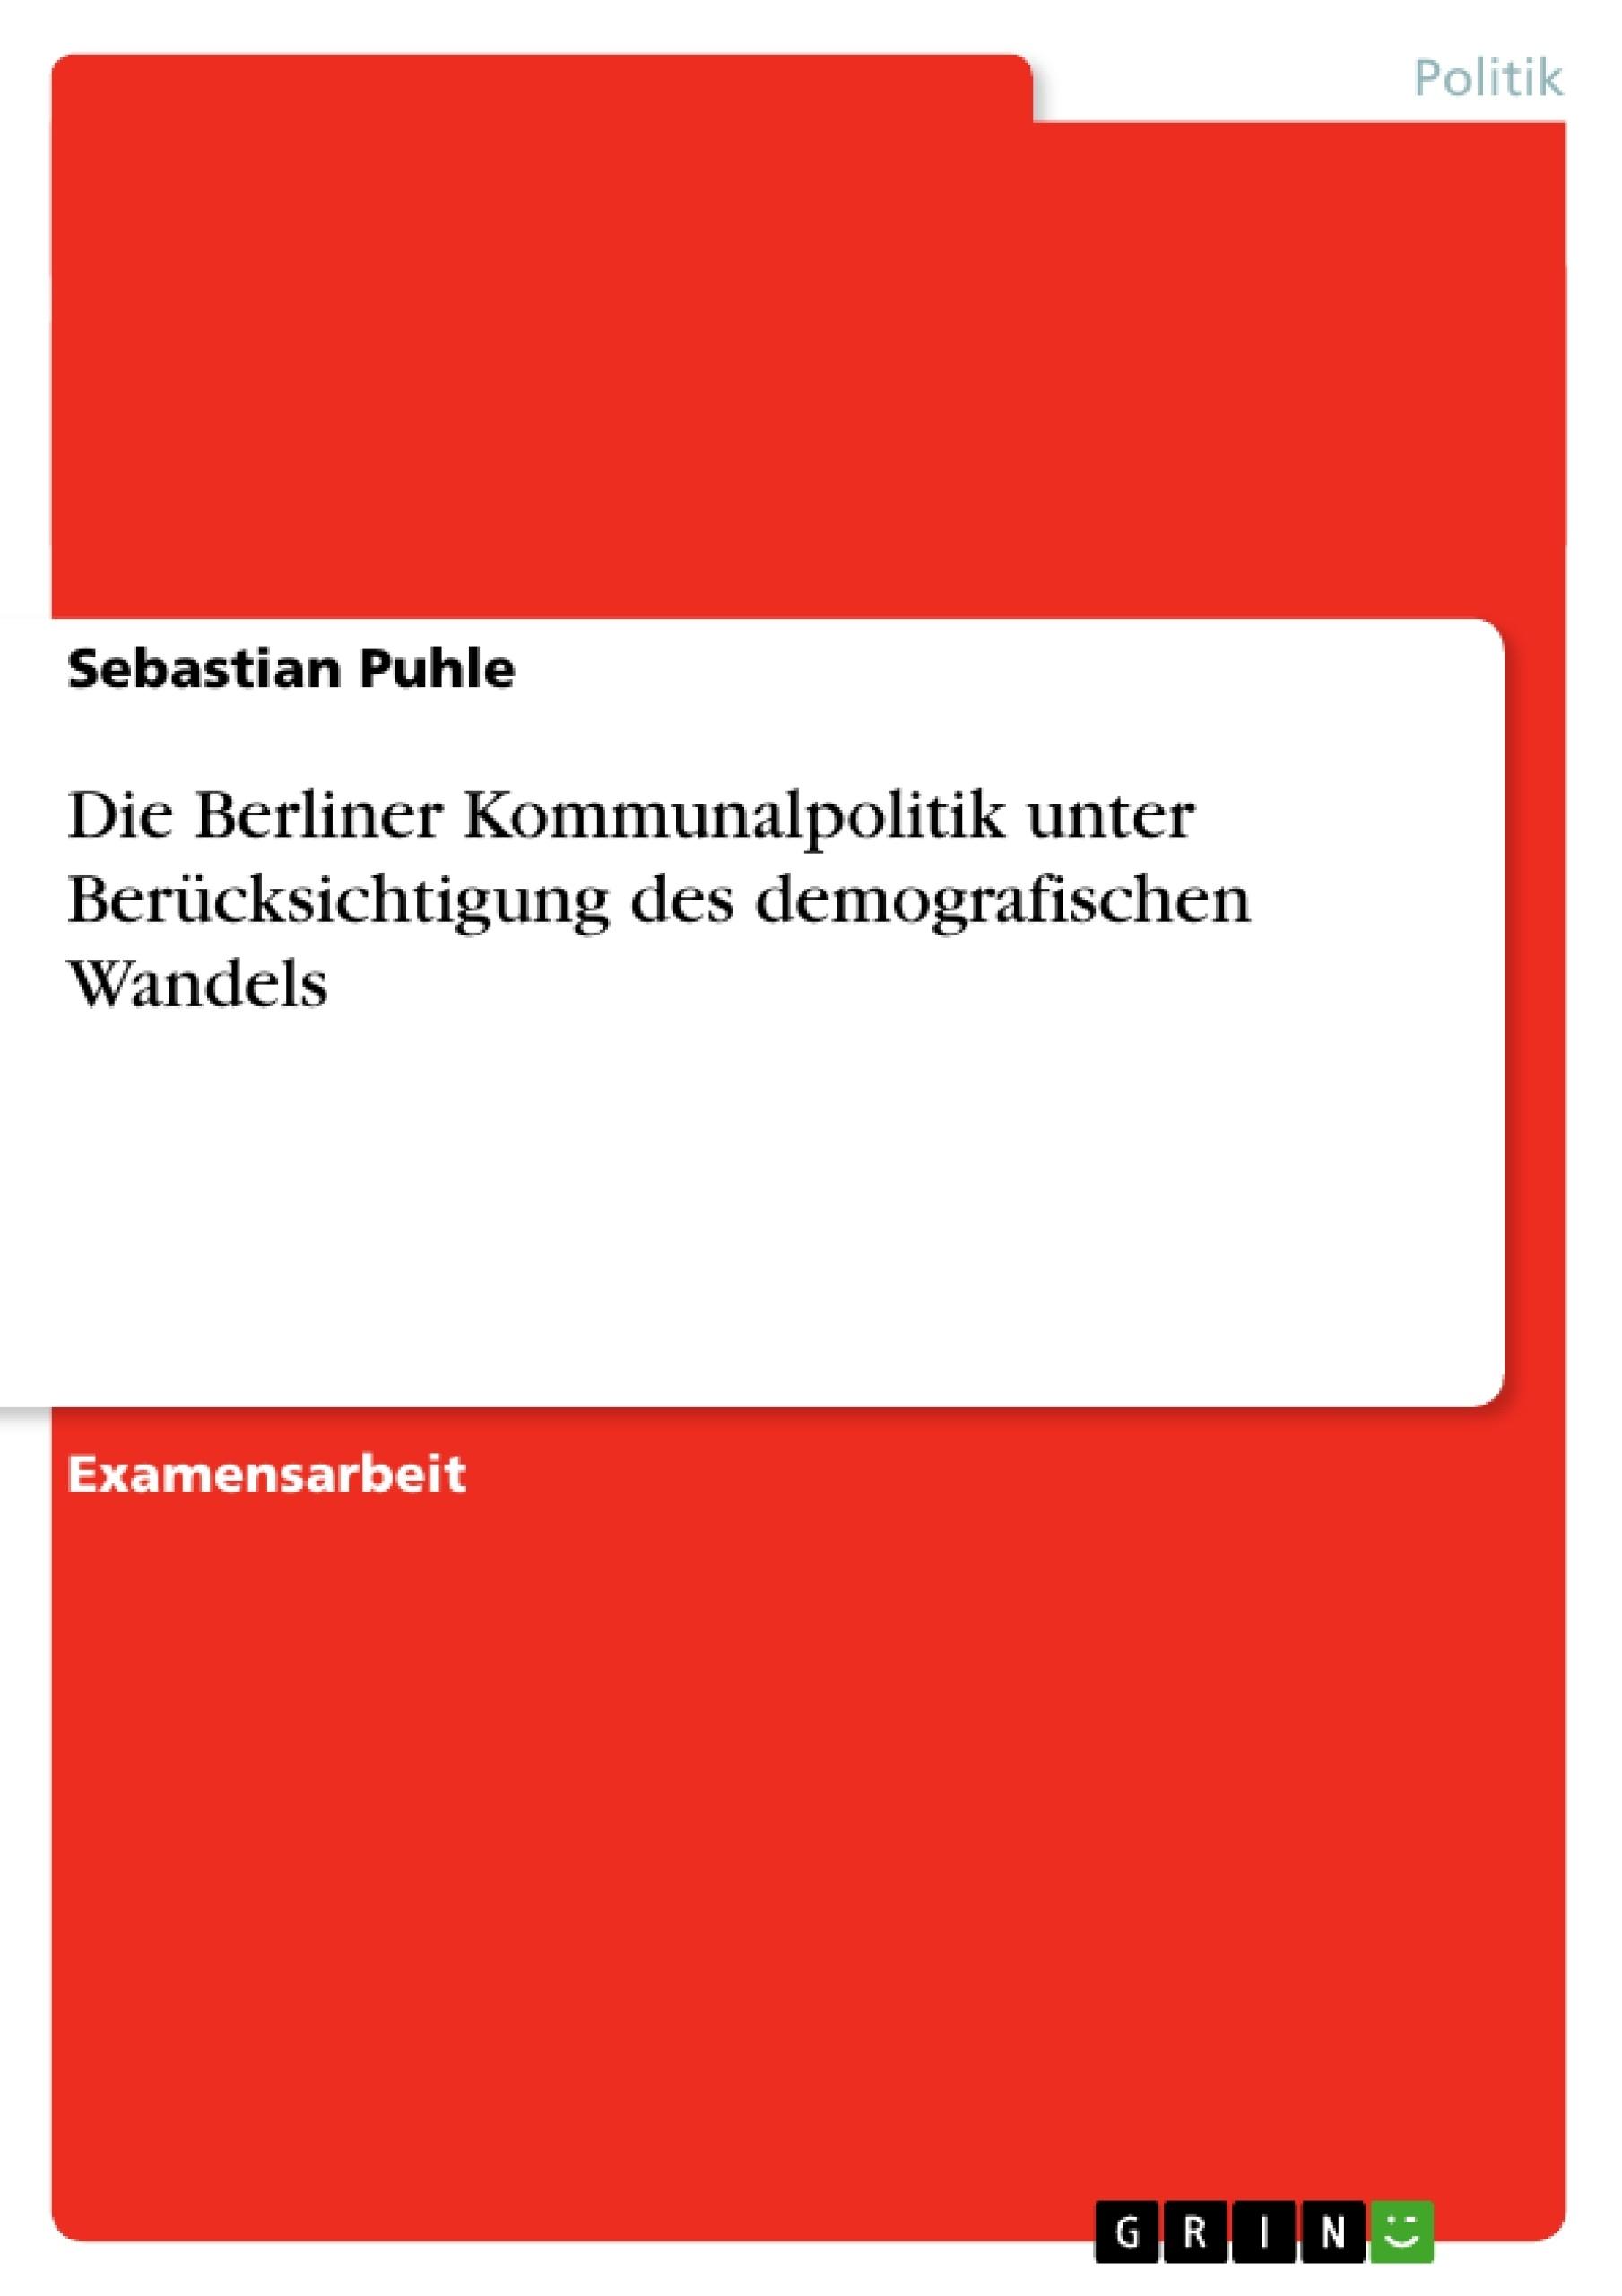 Titel: Die Berliner Kommunalpolitik unter Berücksichtigung des demografischen Wandels